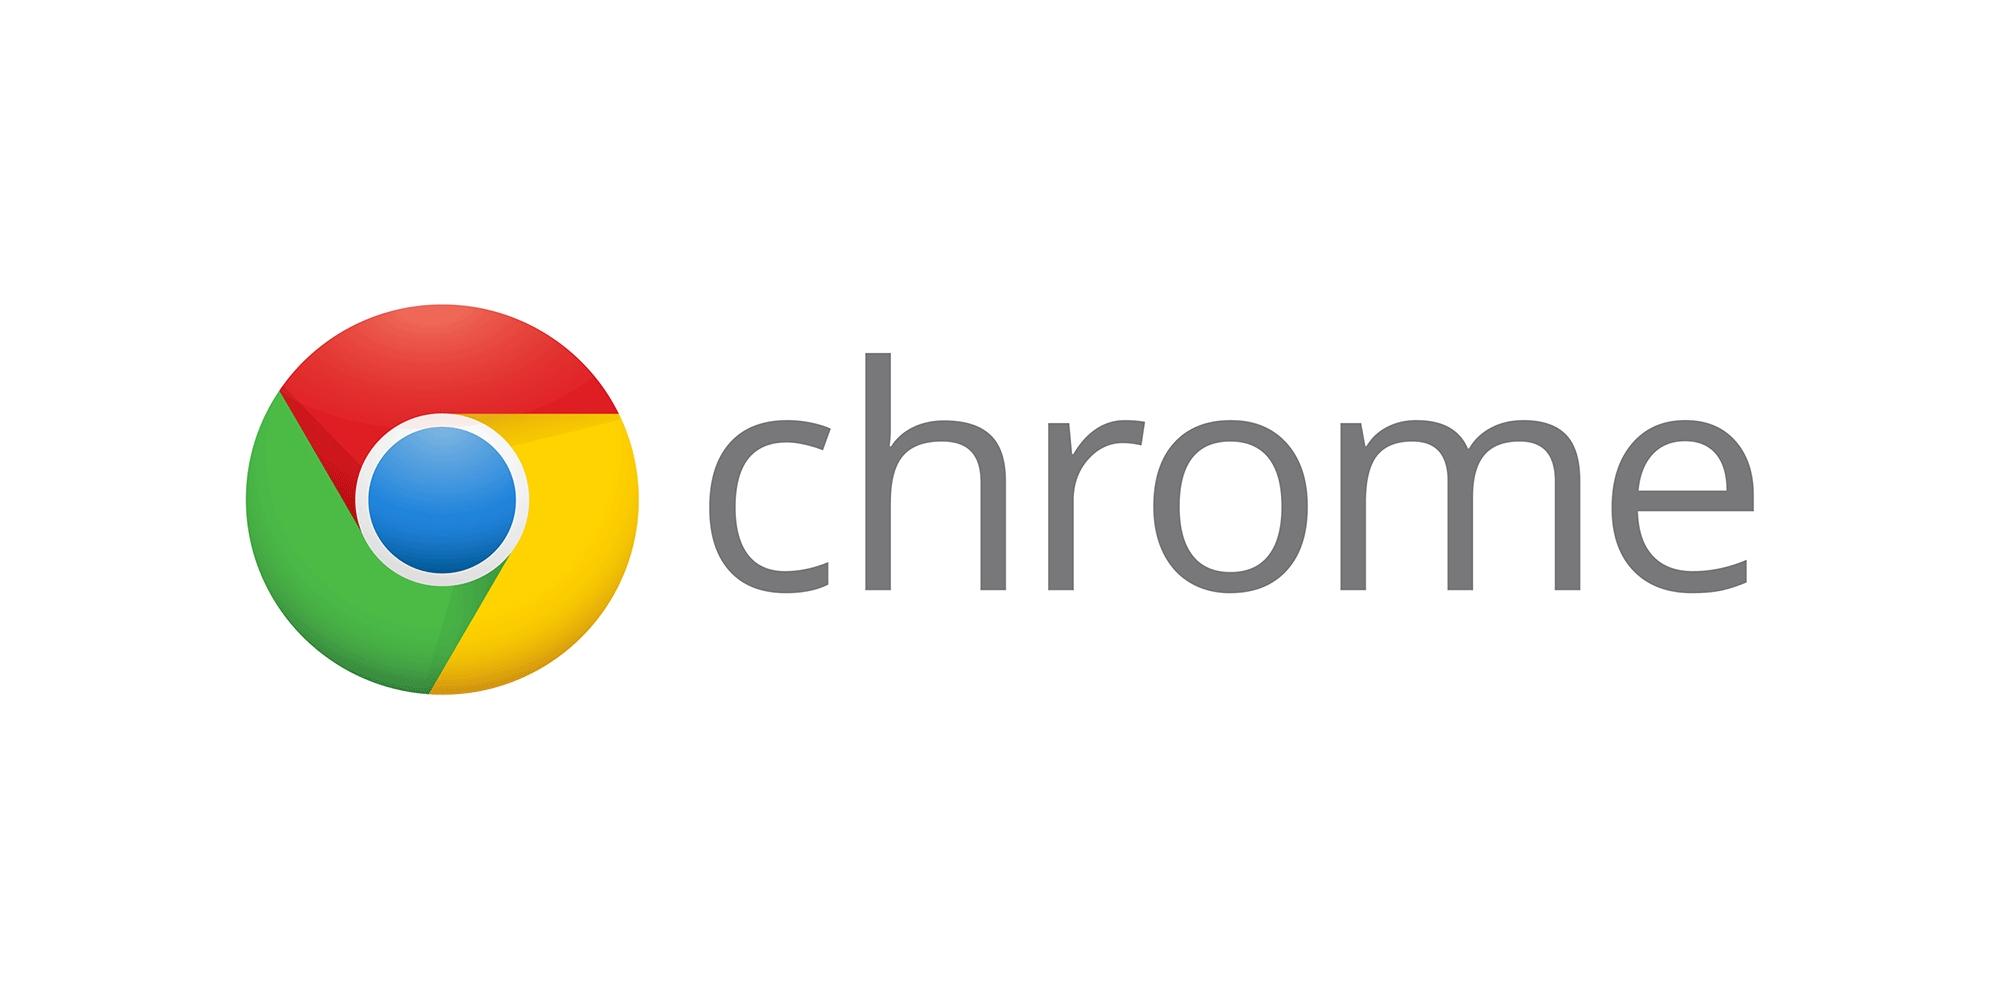 Vychází Chrome 77, umožní třeba posílání webových adres mezi zařízeními